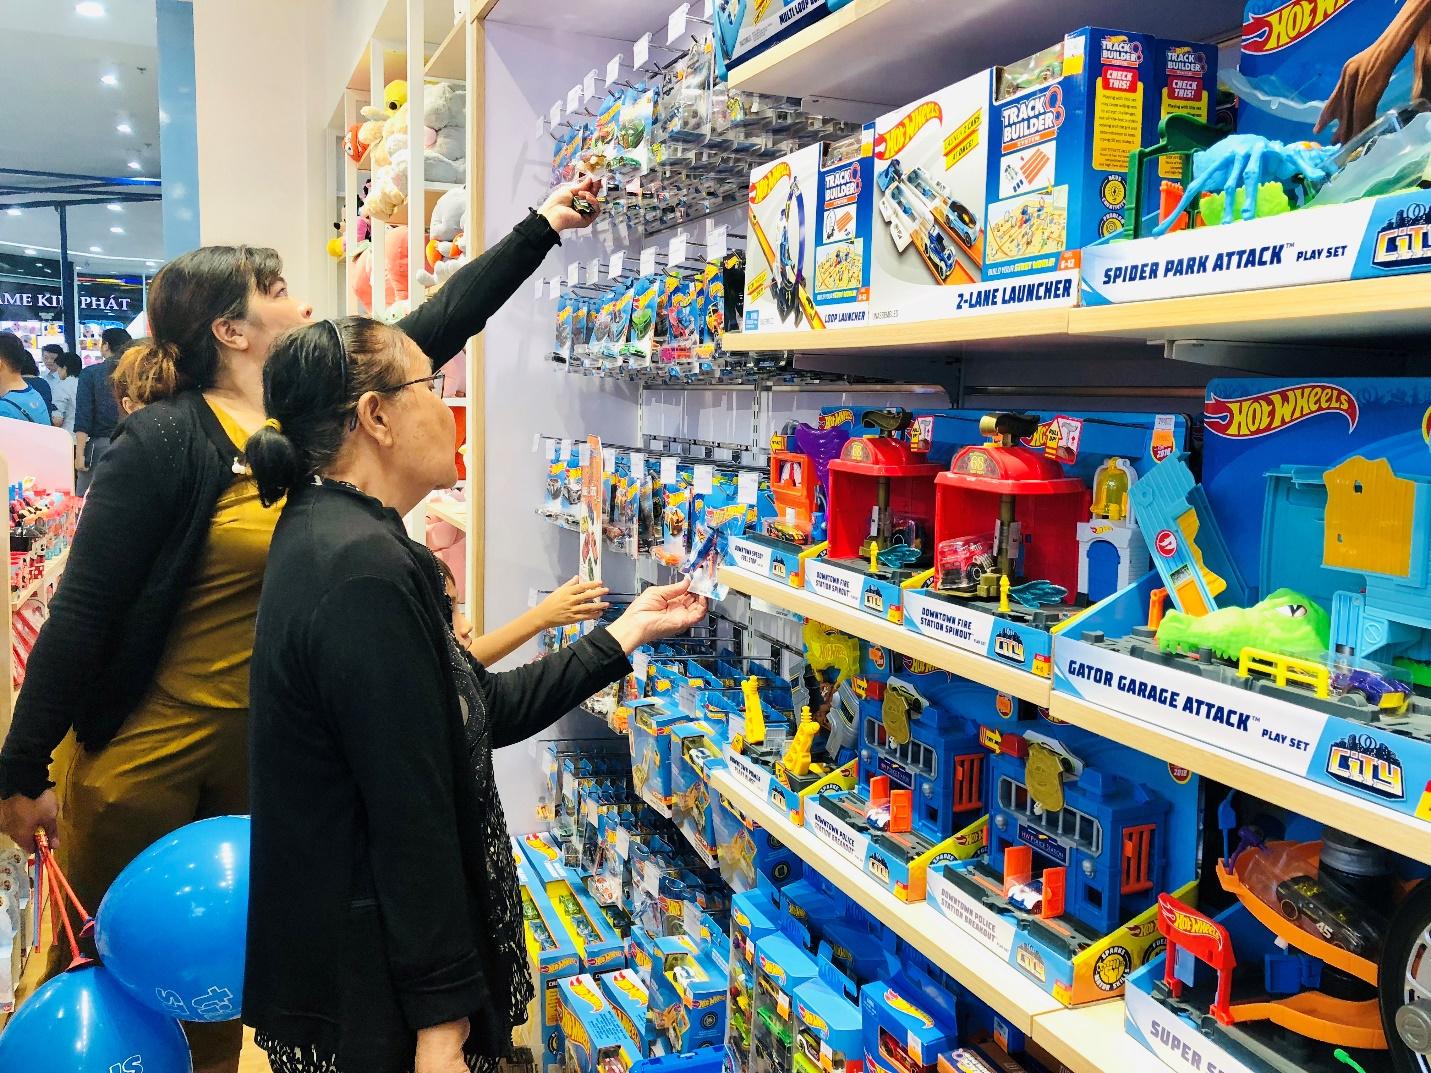 Ưu đãi siêu khủng đến 80% tại tiNiStore, mua đồ cho bé chưa bao giờ dễ đến thế! - Ảnh 1.